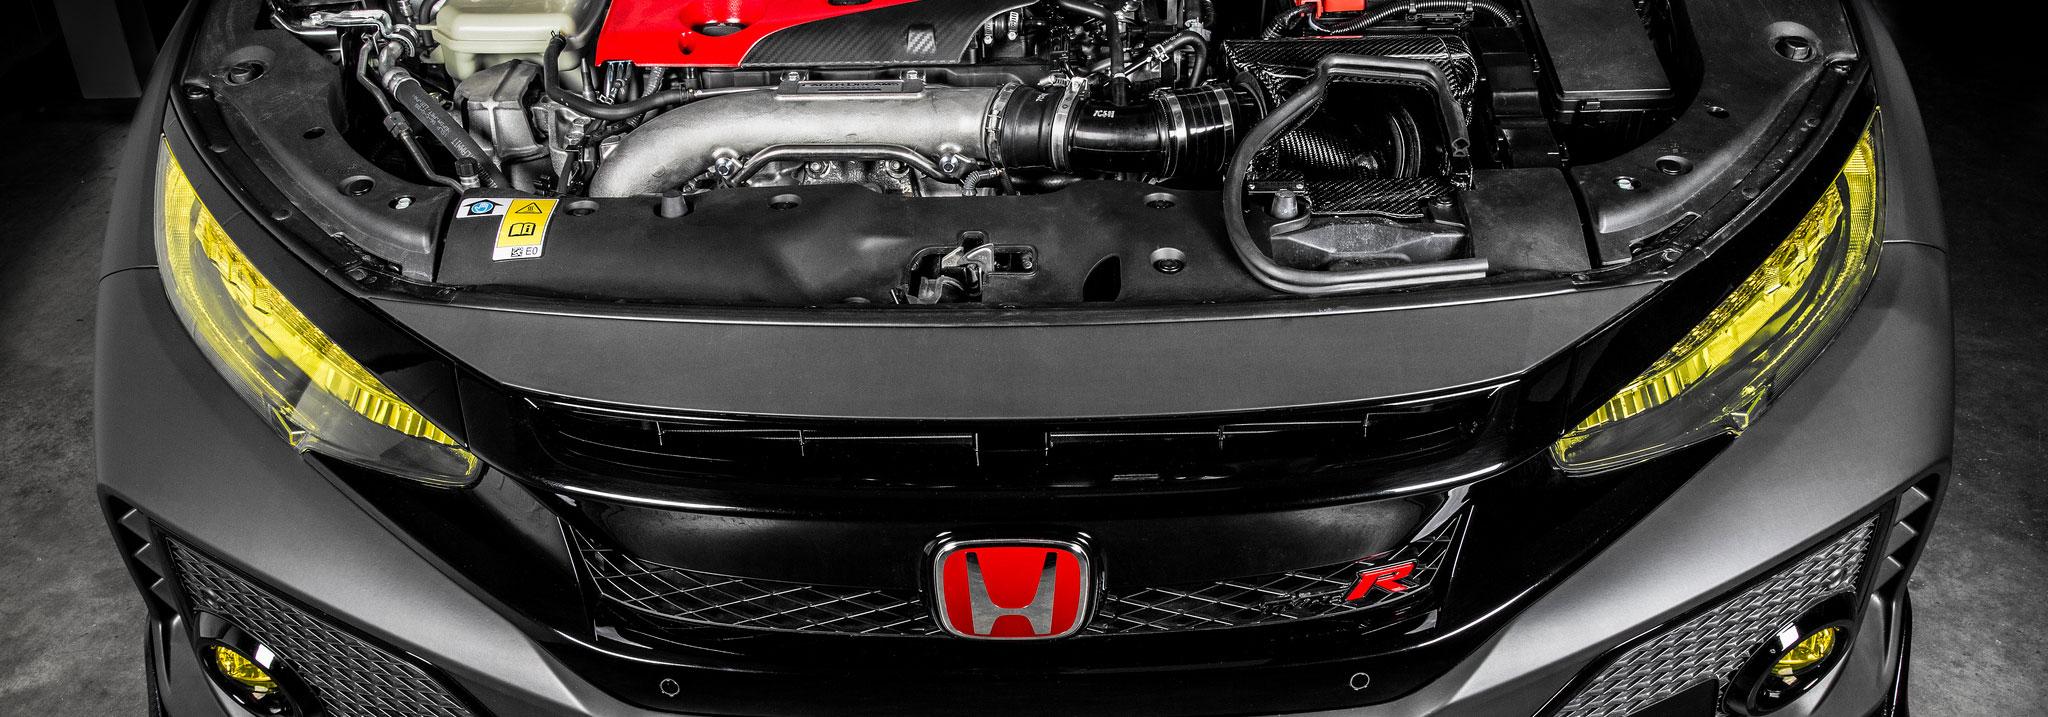 Eventuri Intake Civic Type-R FK8